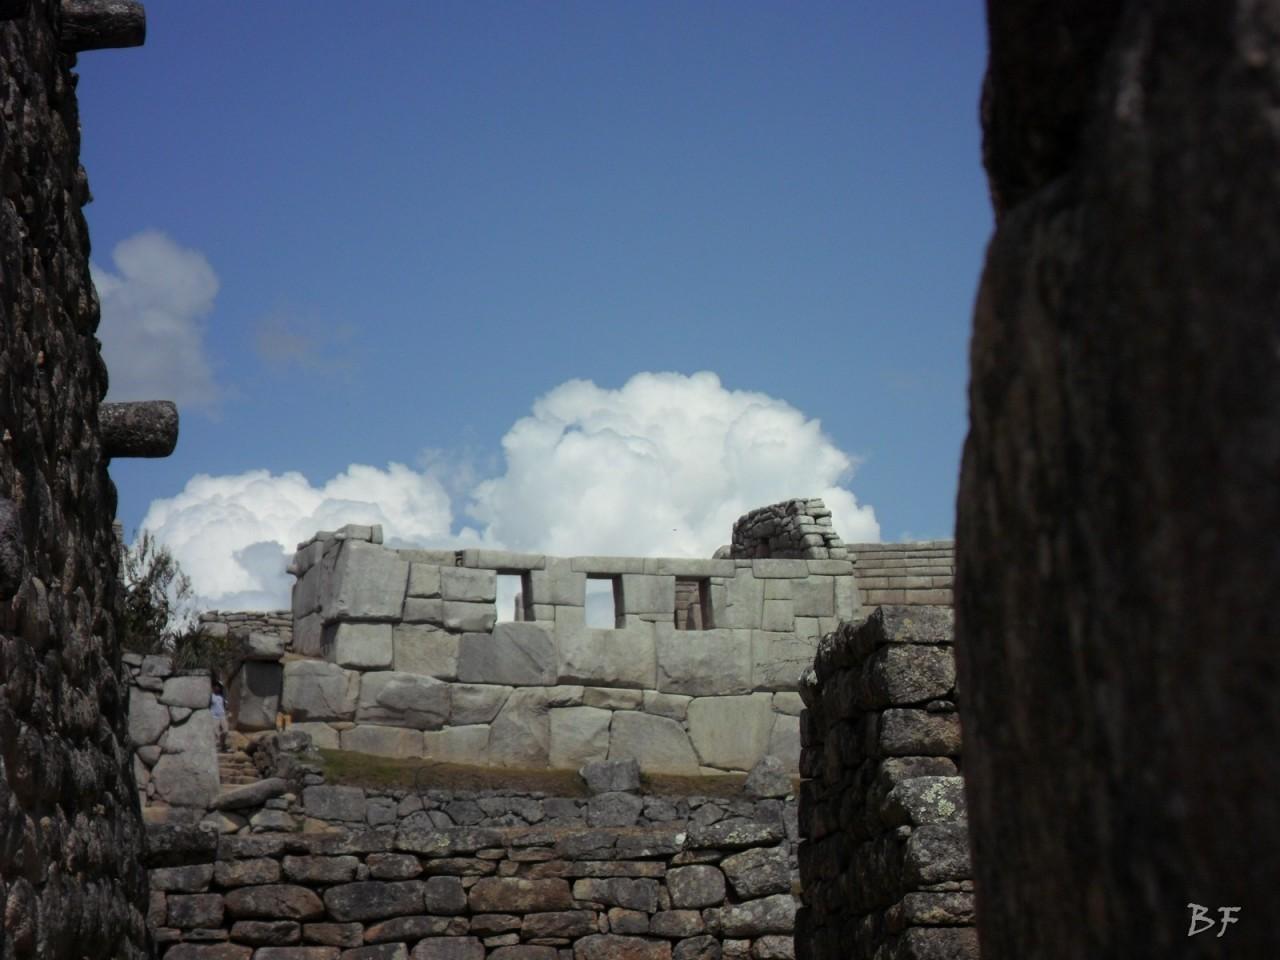 Mura-Poligonali-Incisioni-Altari-Edifici-Rupestri-Megaliti-Machu-Picchu-Aguas-Calientes-Urubamba-Cusco-Perù-45